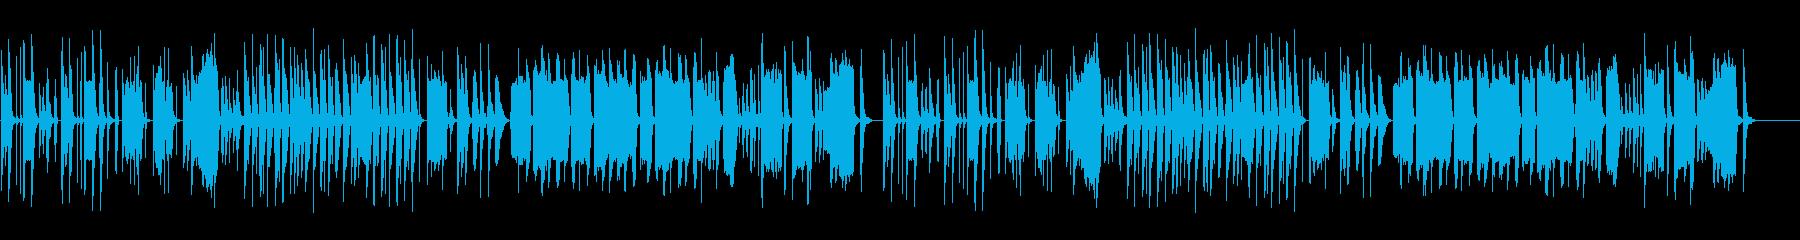 マヌケな脱力系の曲2の再生済みの波形